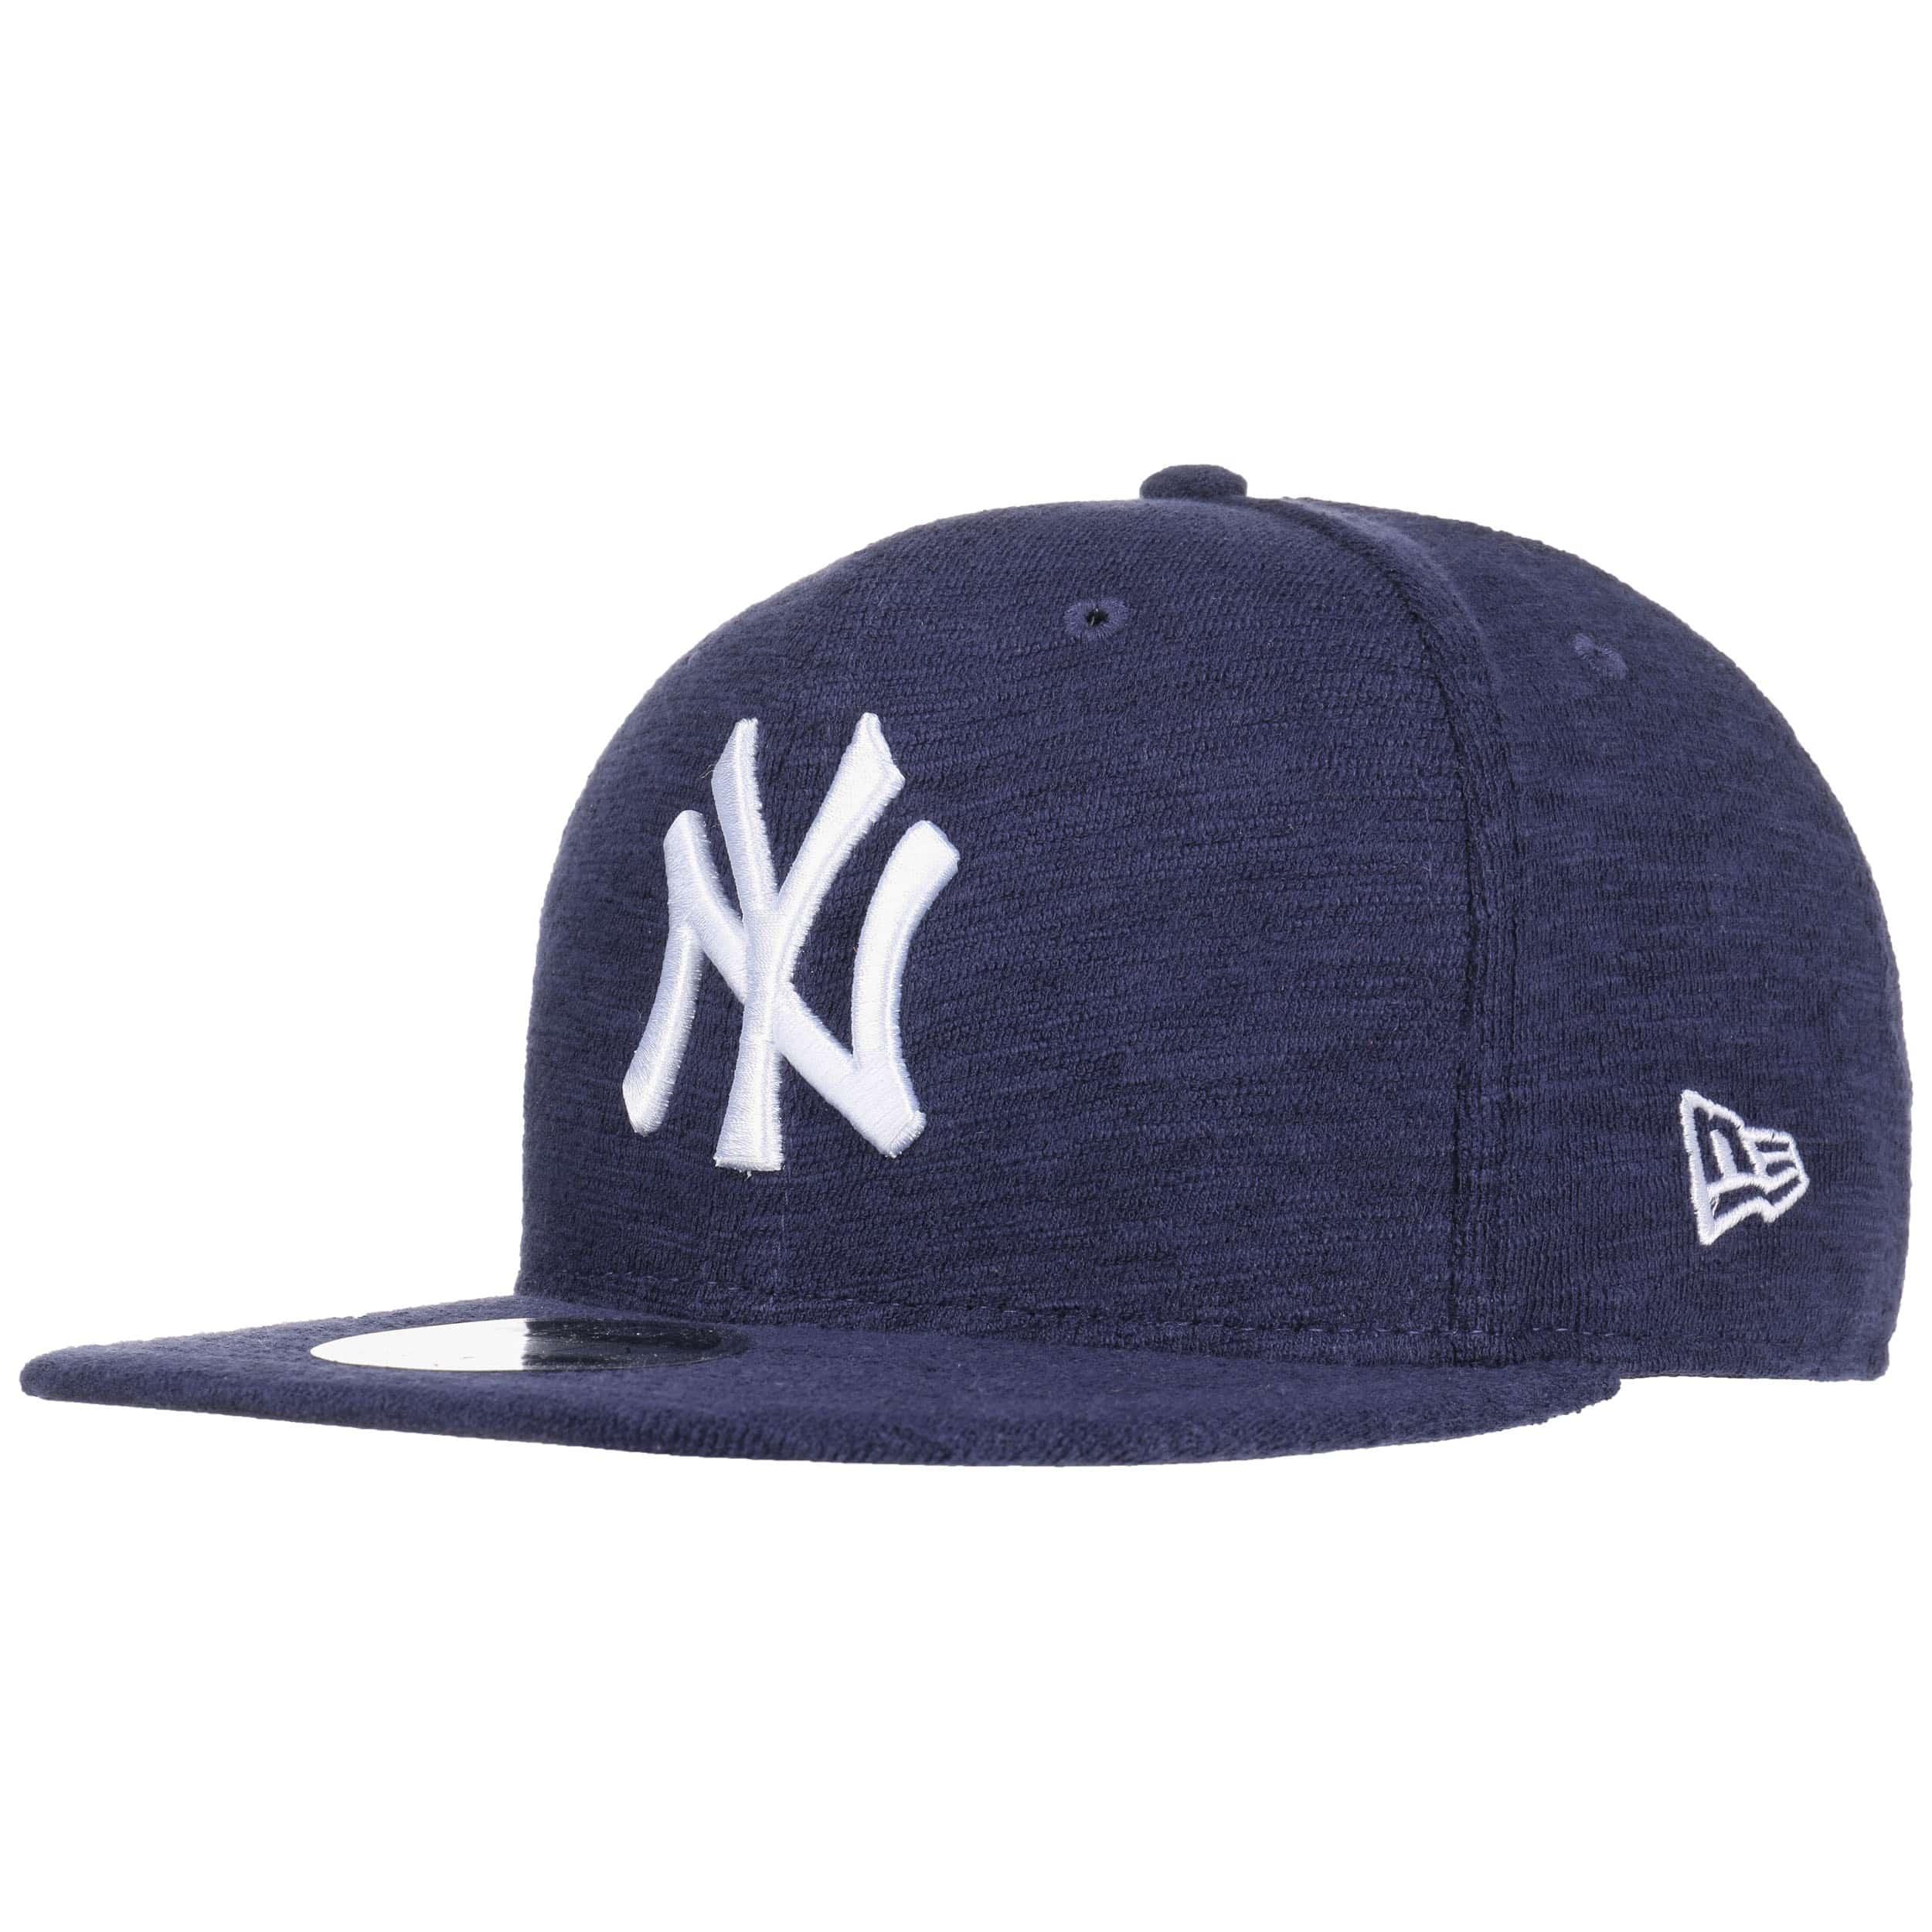 a2d5aa902298b Gorra 9Fifty Slub Yankees by New Era - Gorras - sombreroshop.es